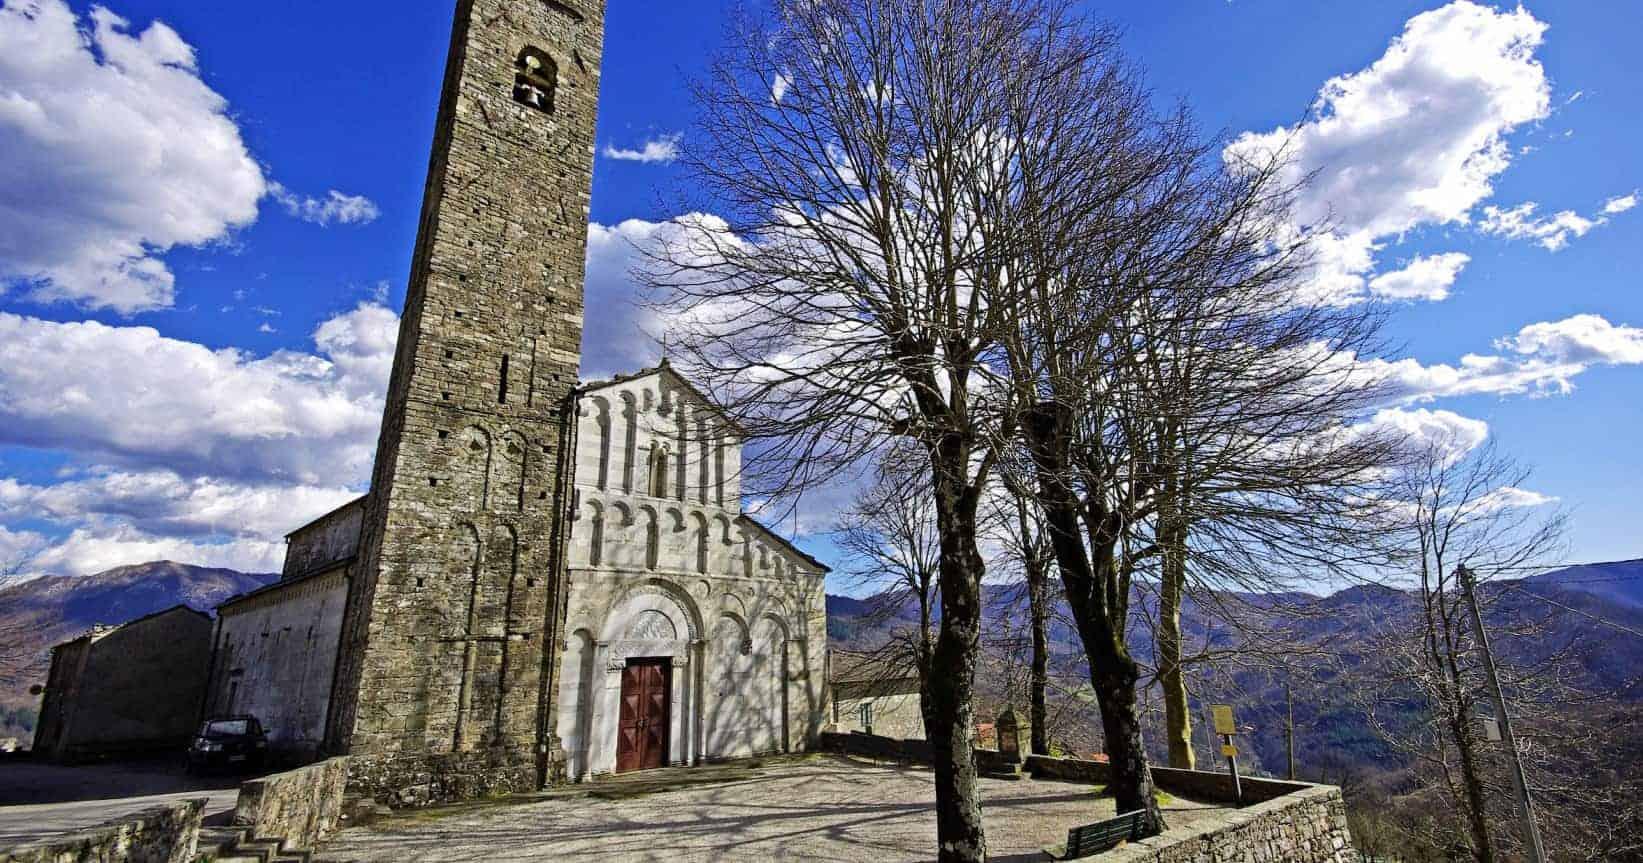 Bagni di Lucca reisdit.no